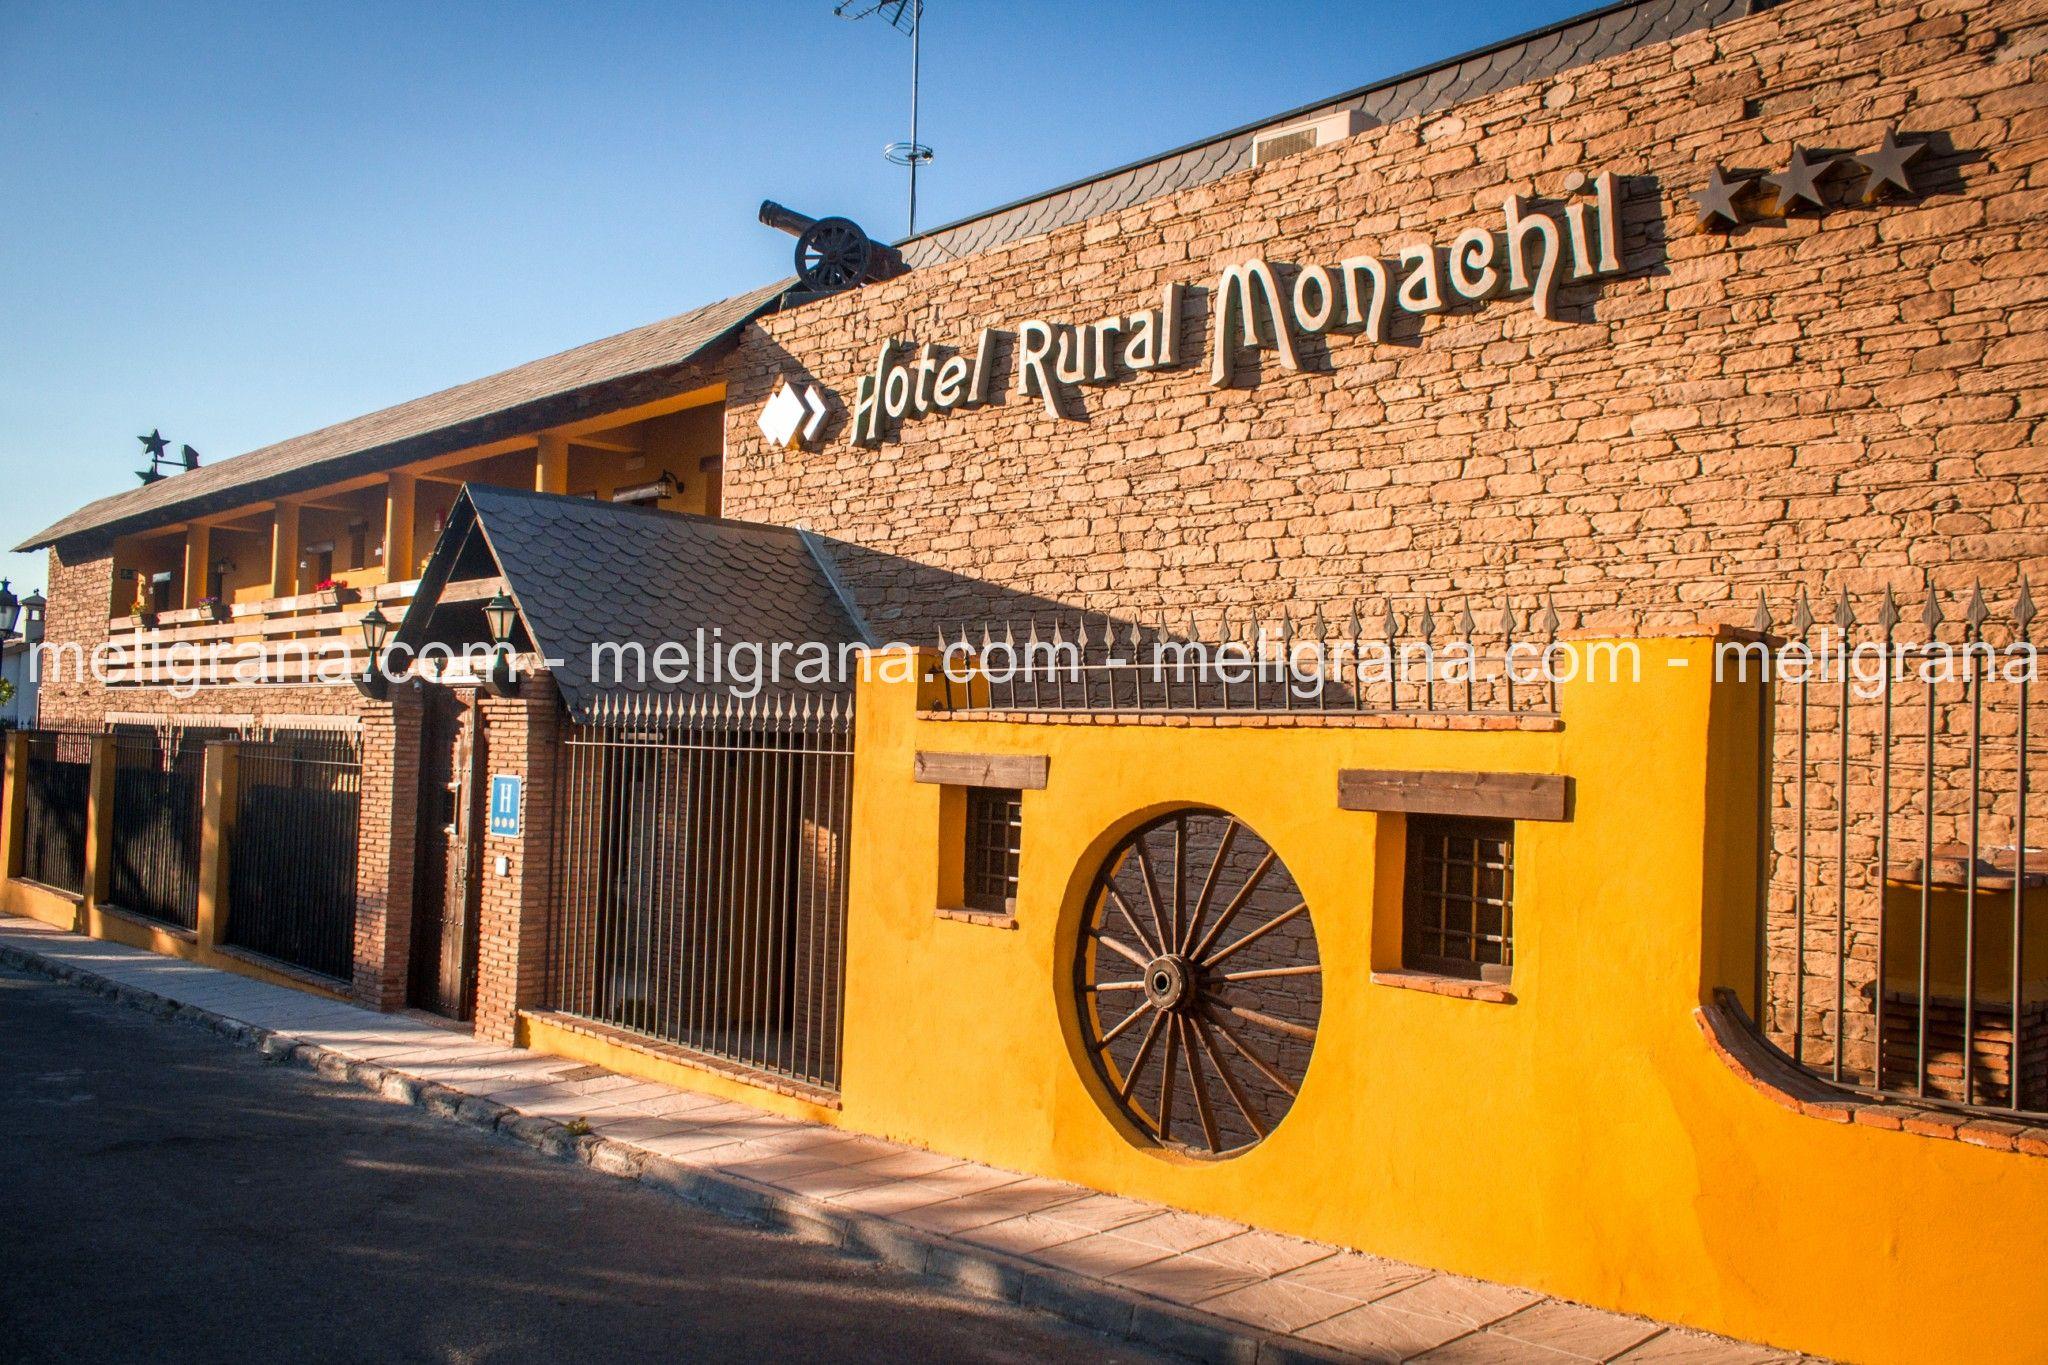 HotelRural Monachil